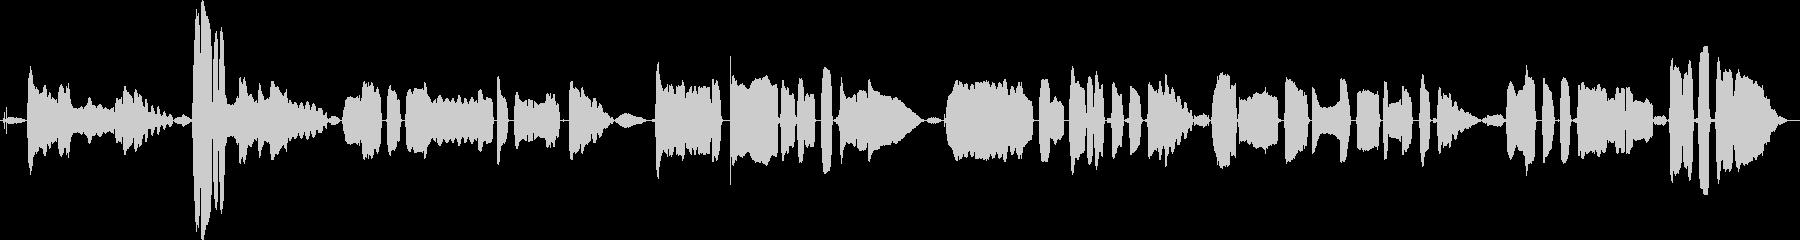 鳴き声 女性歌うジャズインプロロング01の未再生の波形